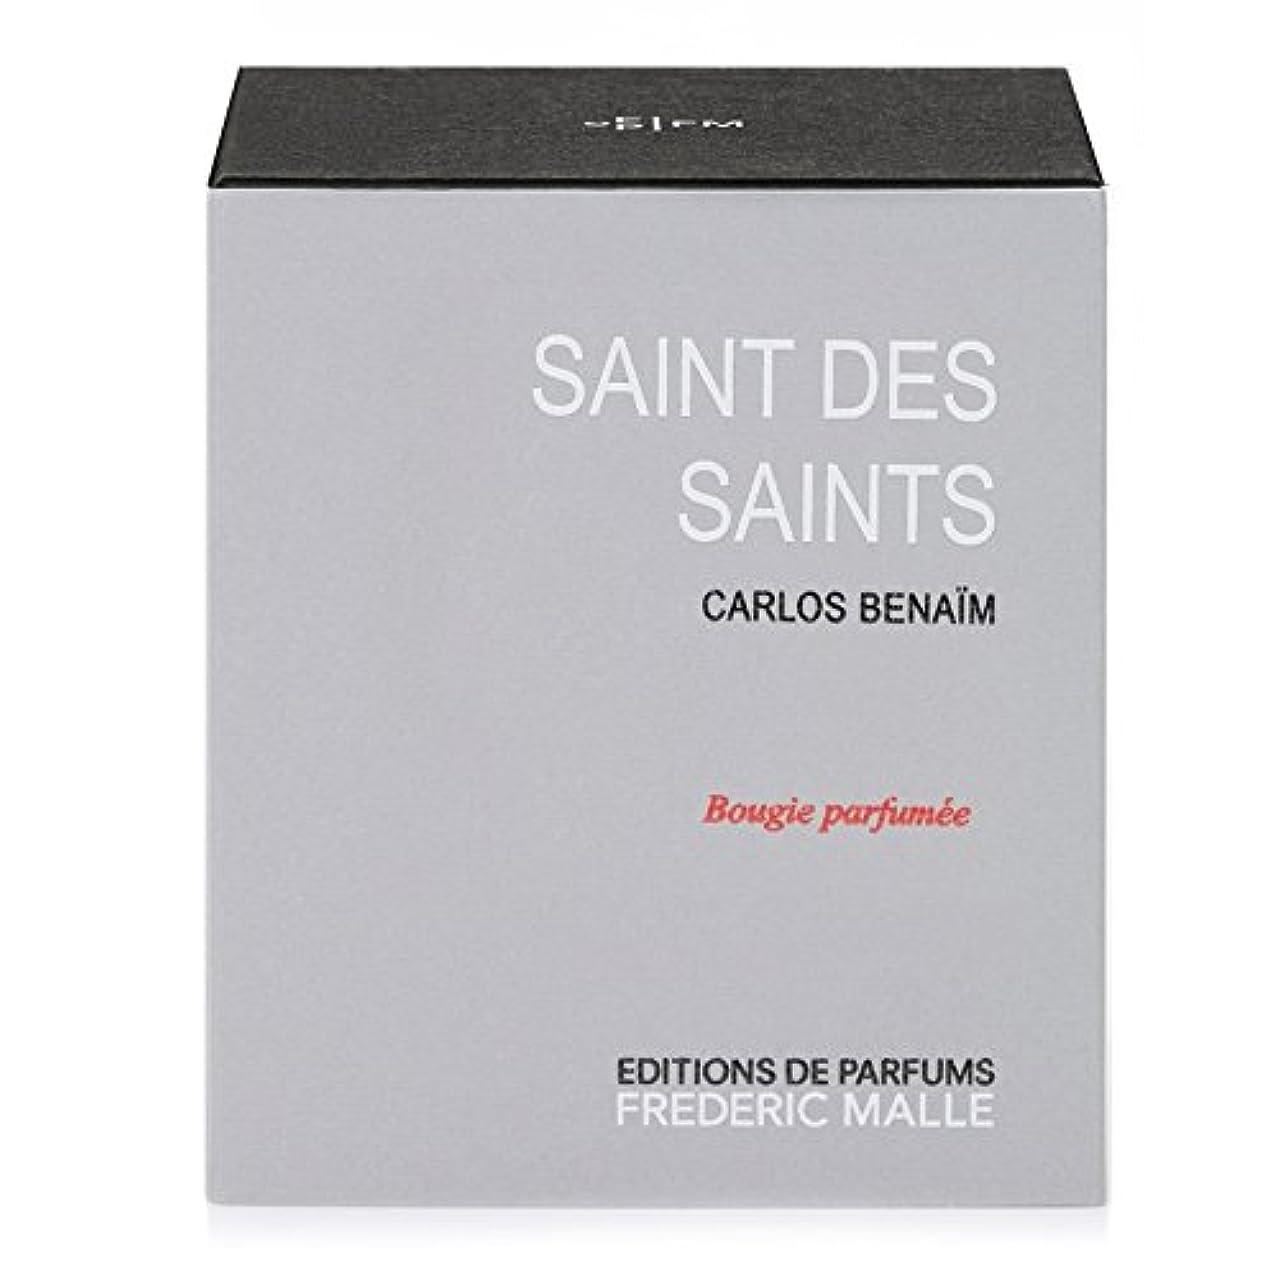 言語宴会オゾンフレデリック?マル聖人デ聖人の香りのキャンドル220グラム x6 - Frederic Malle Saint Des Saints Scented Candle 220g (Pack of 6) [並行輸入品]